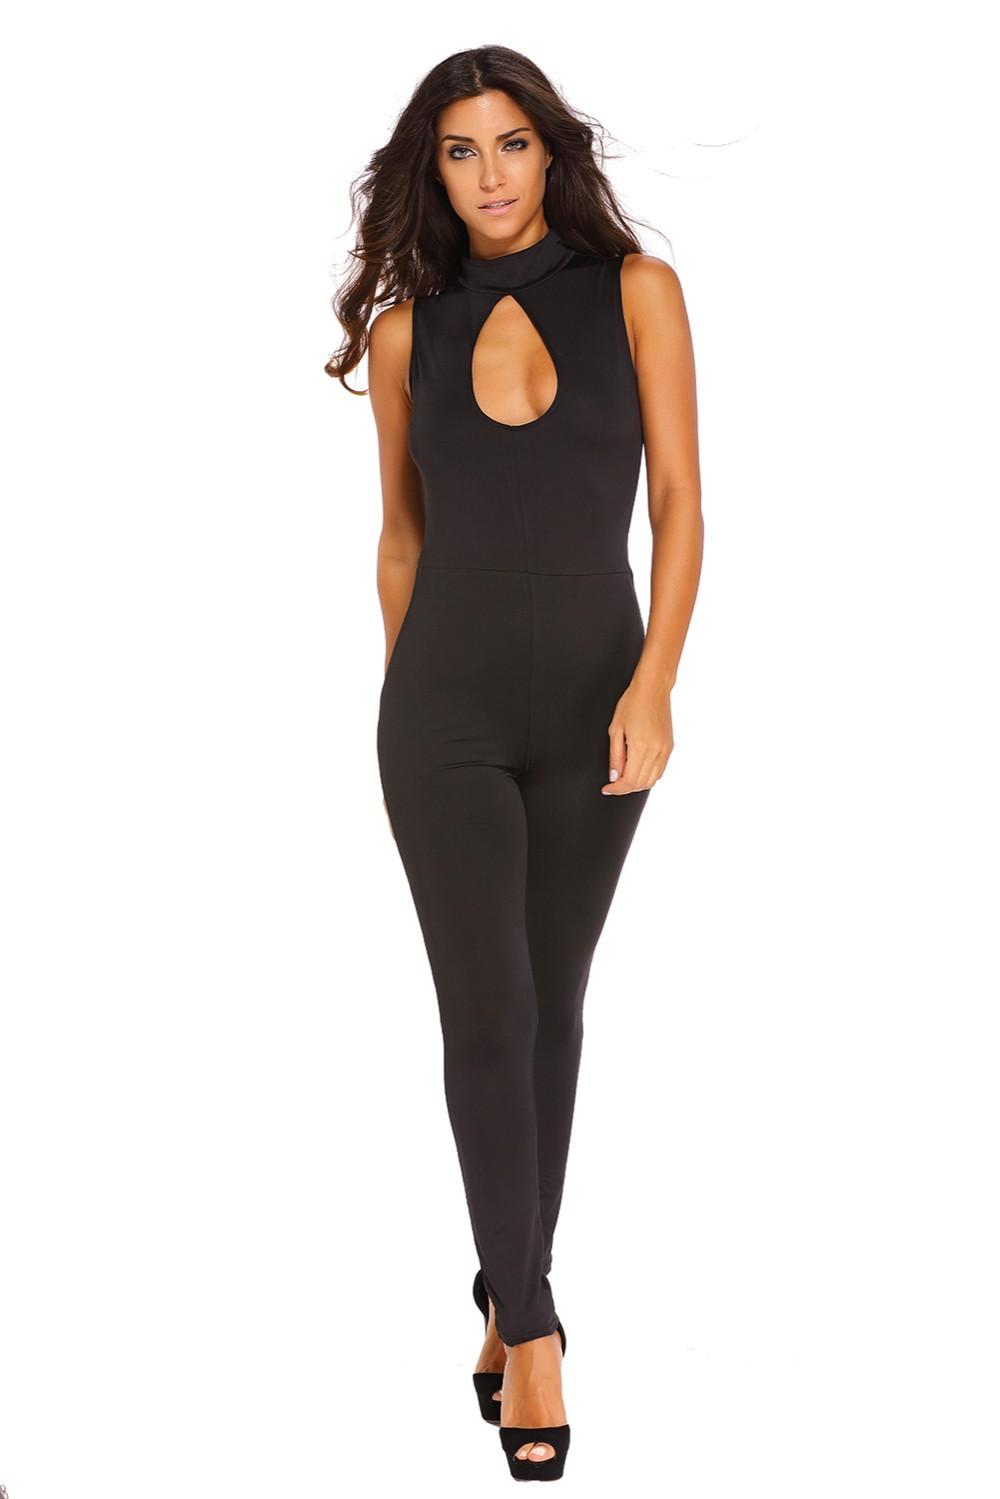 Black-Pee-hole-Bust-Sleeveless-Jumpsuit-LC64033-2-4